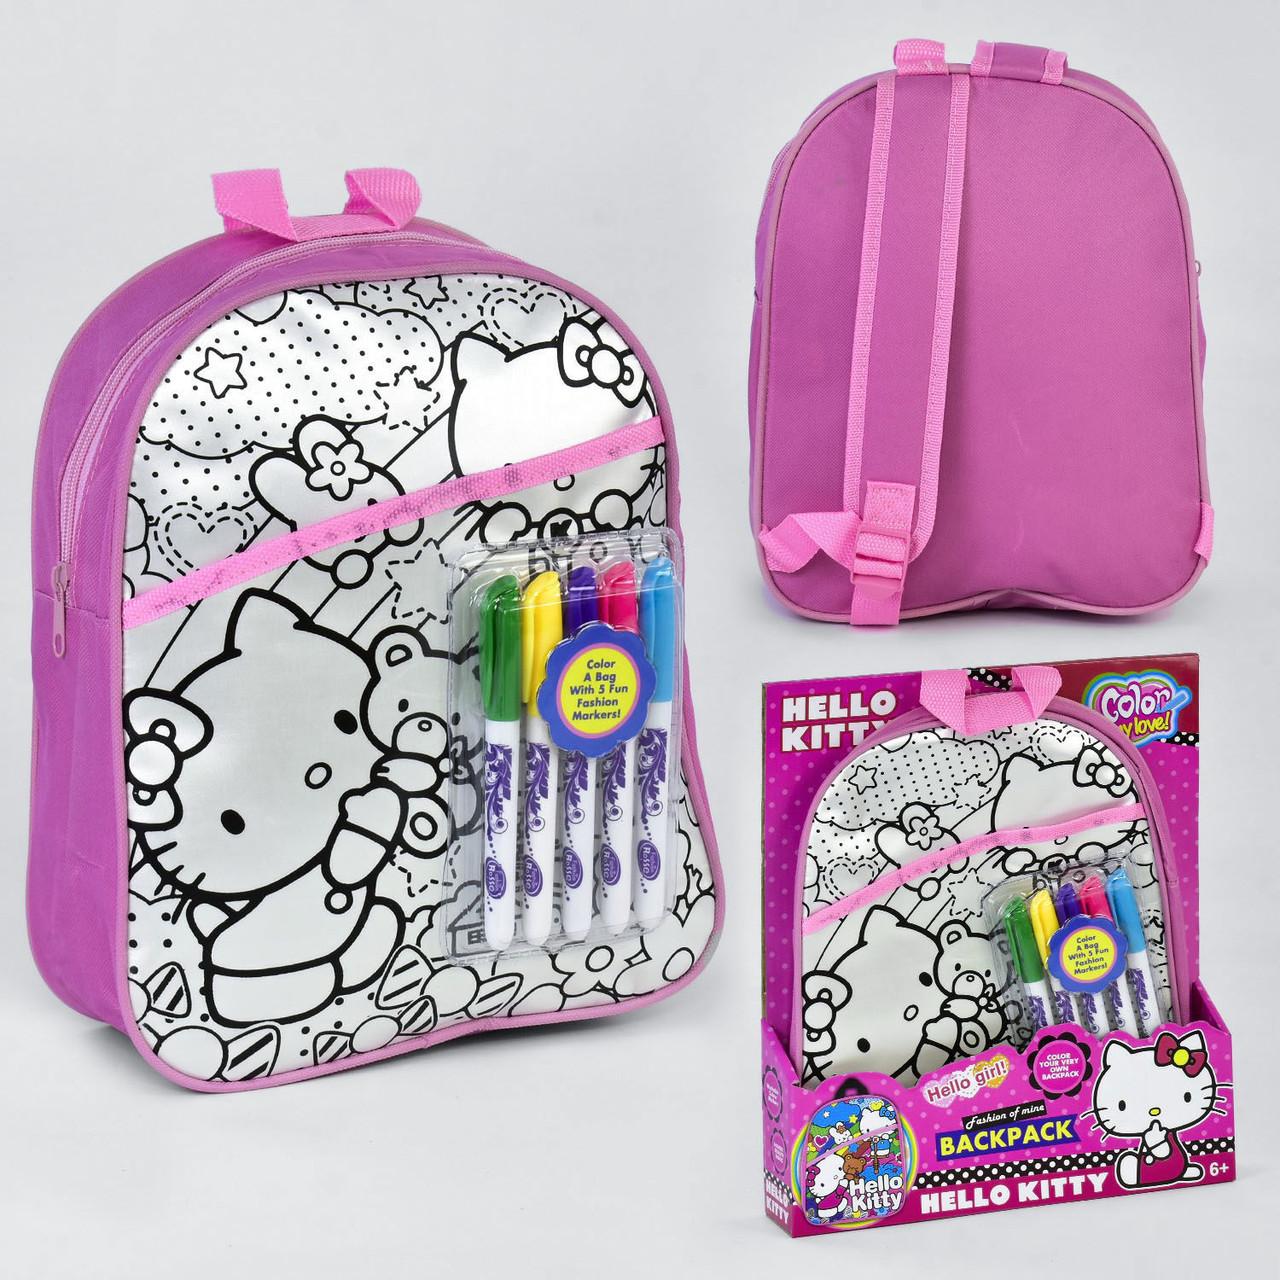 набор для творчества рюкзак раскраска Hello Kitty арт 20187 продажа цена в киеве раскраски от интернет магазин Lovely Toys 319712731